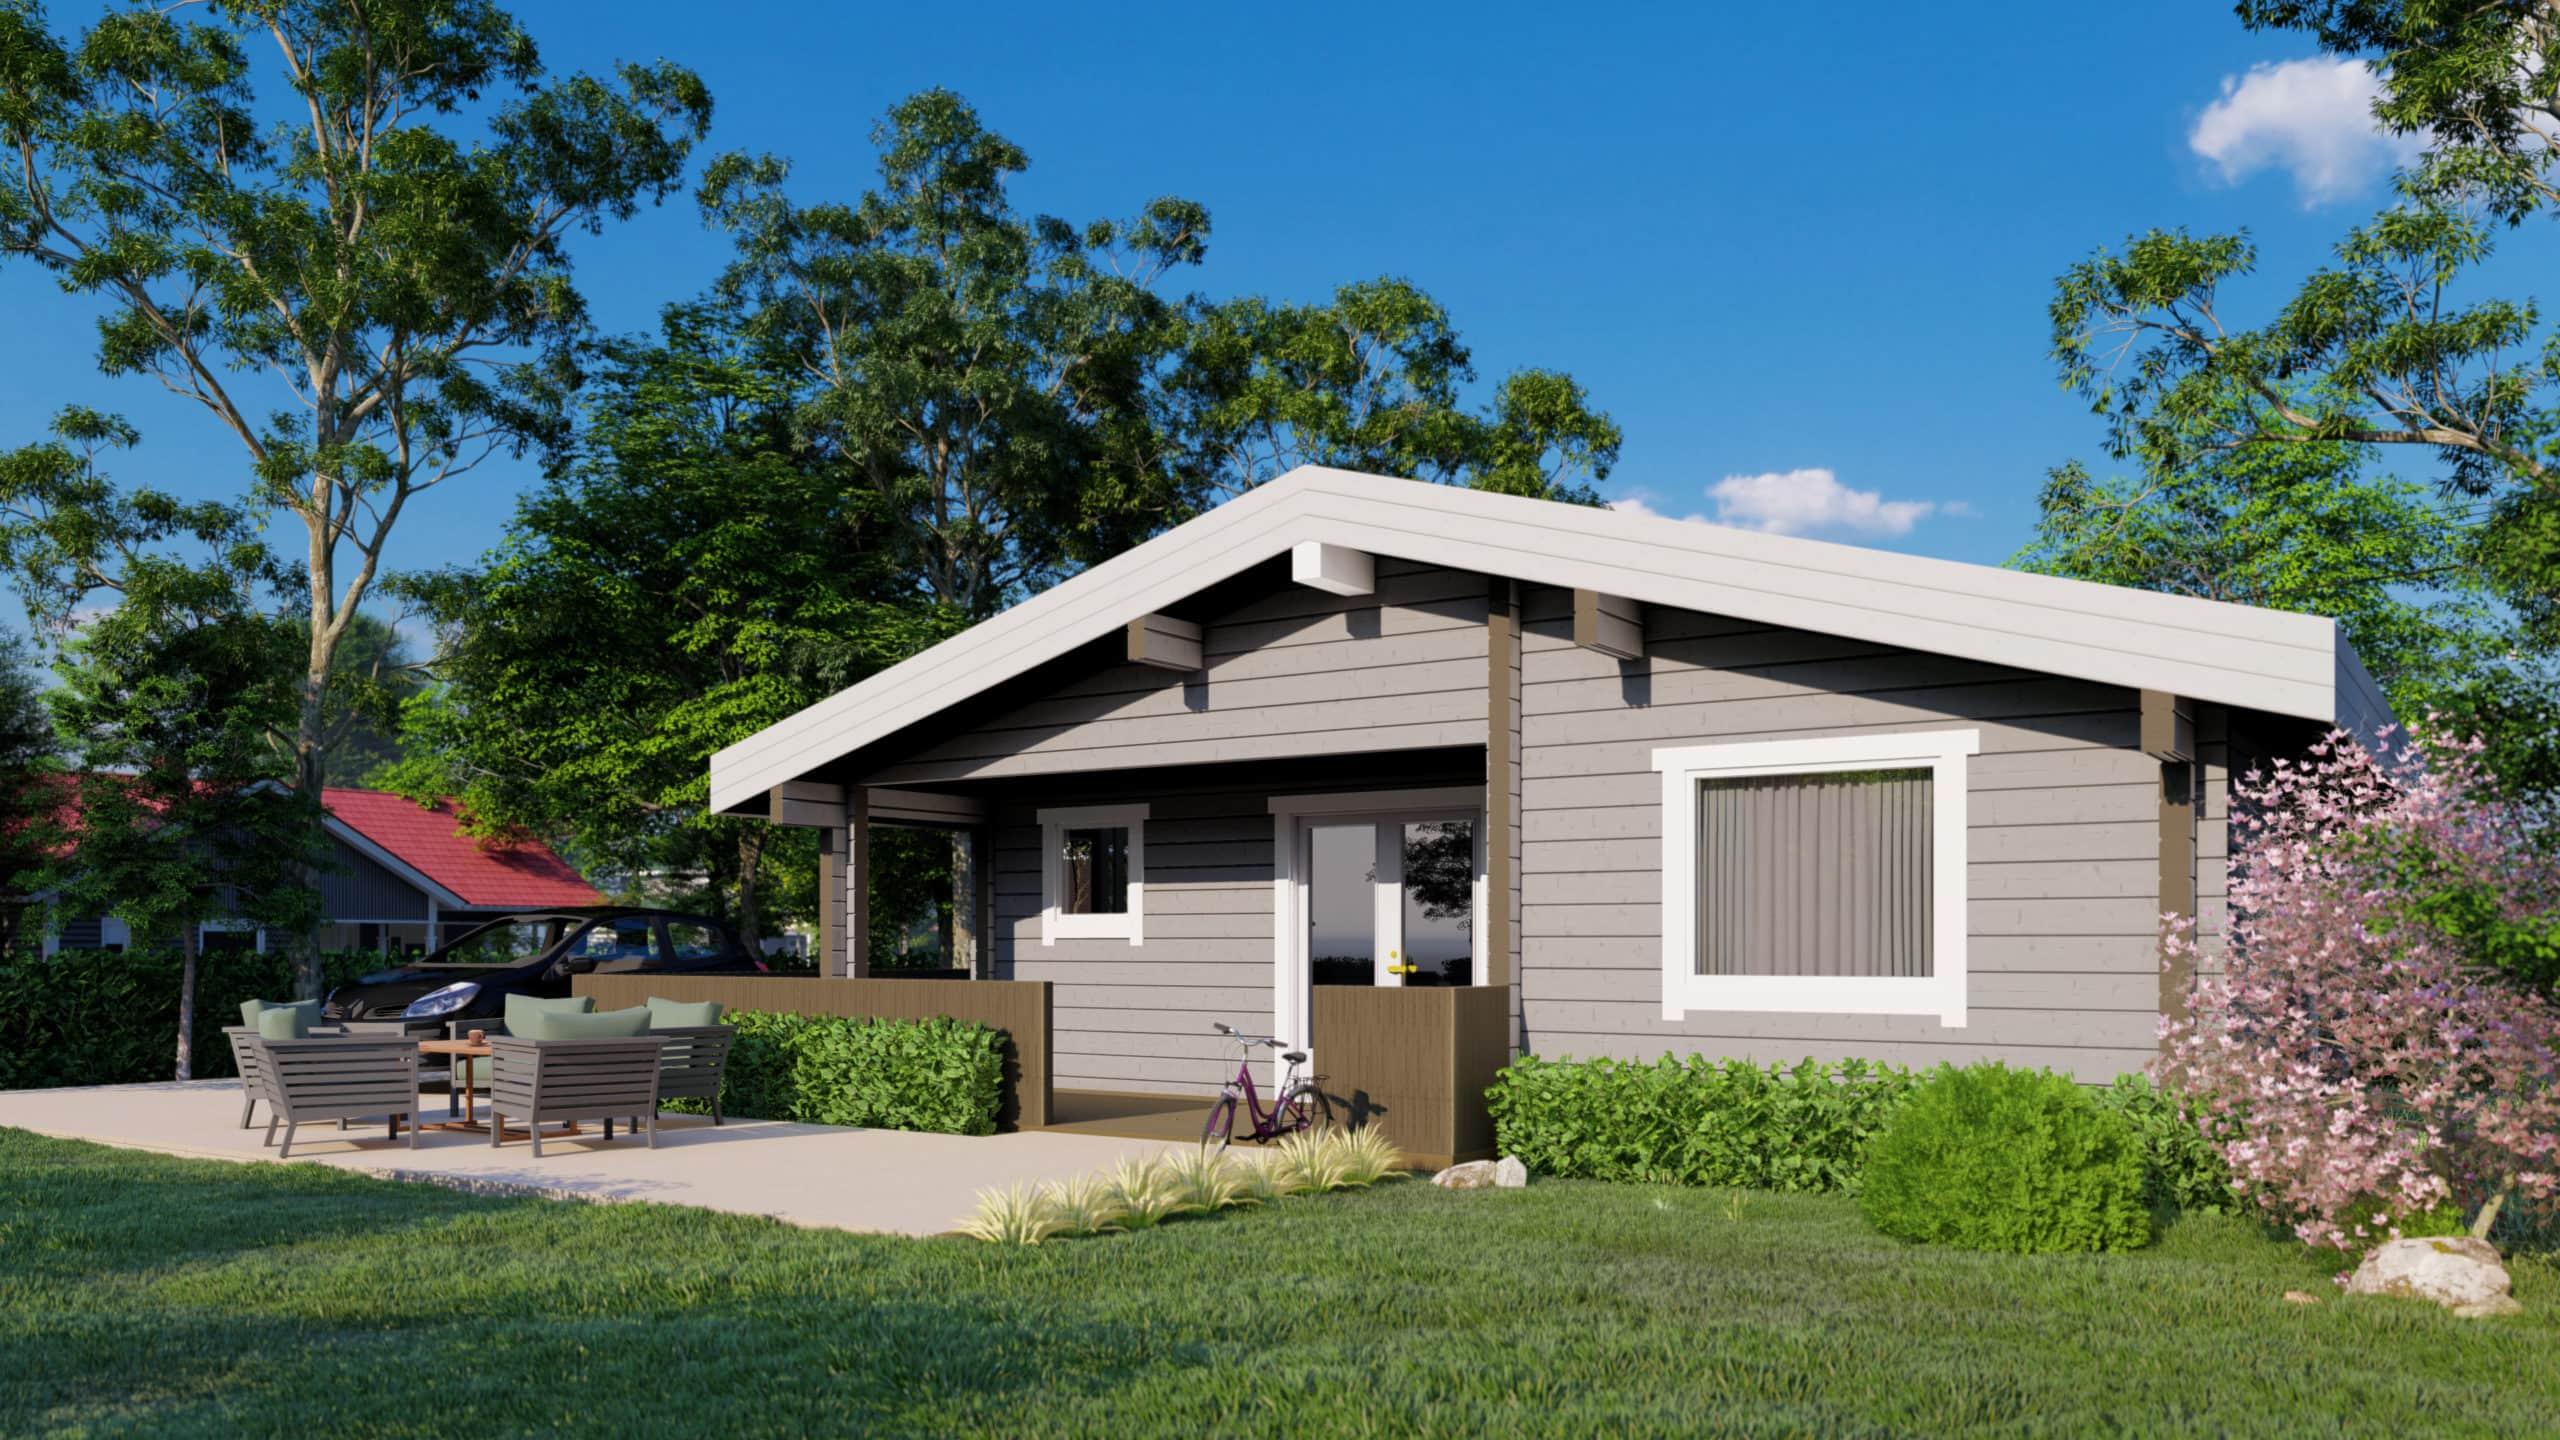 Maison en rondins et madriers - 92m² - 3 chambres - terrasse - CAPUCIN